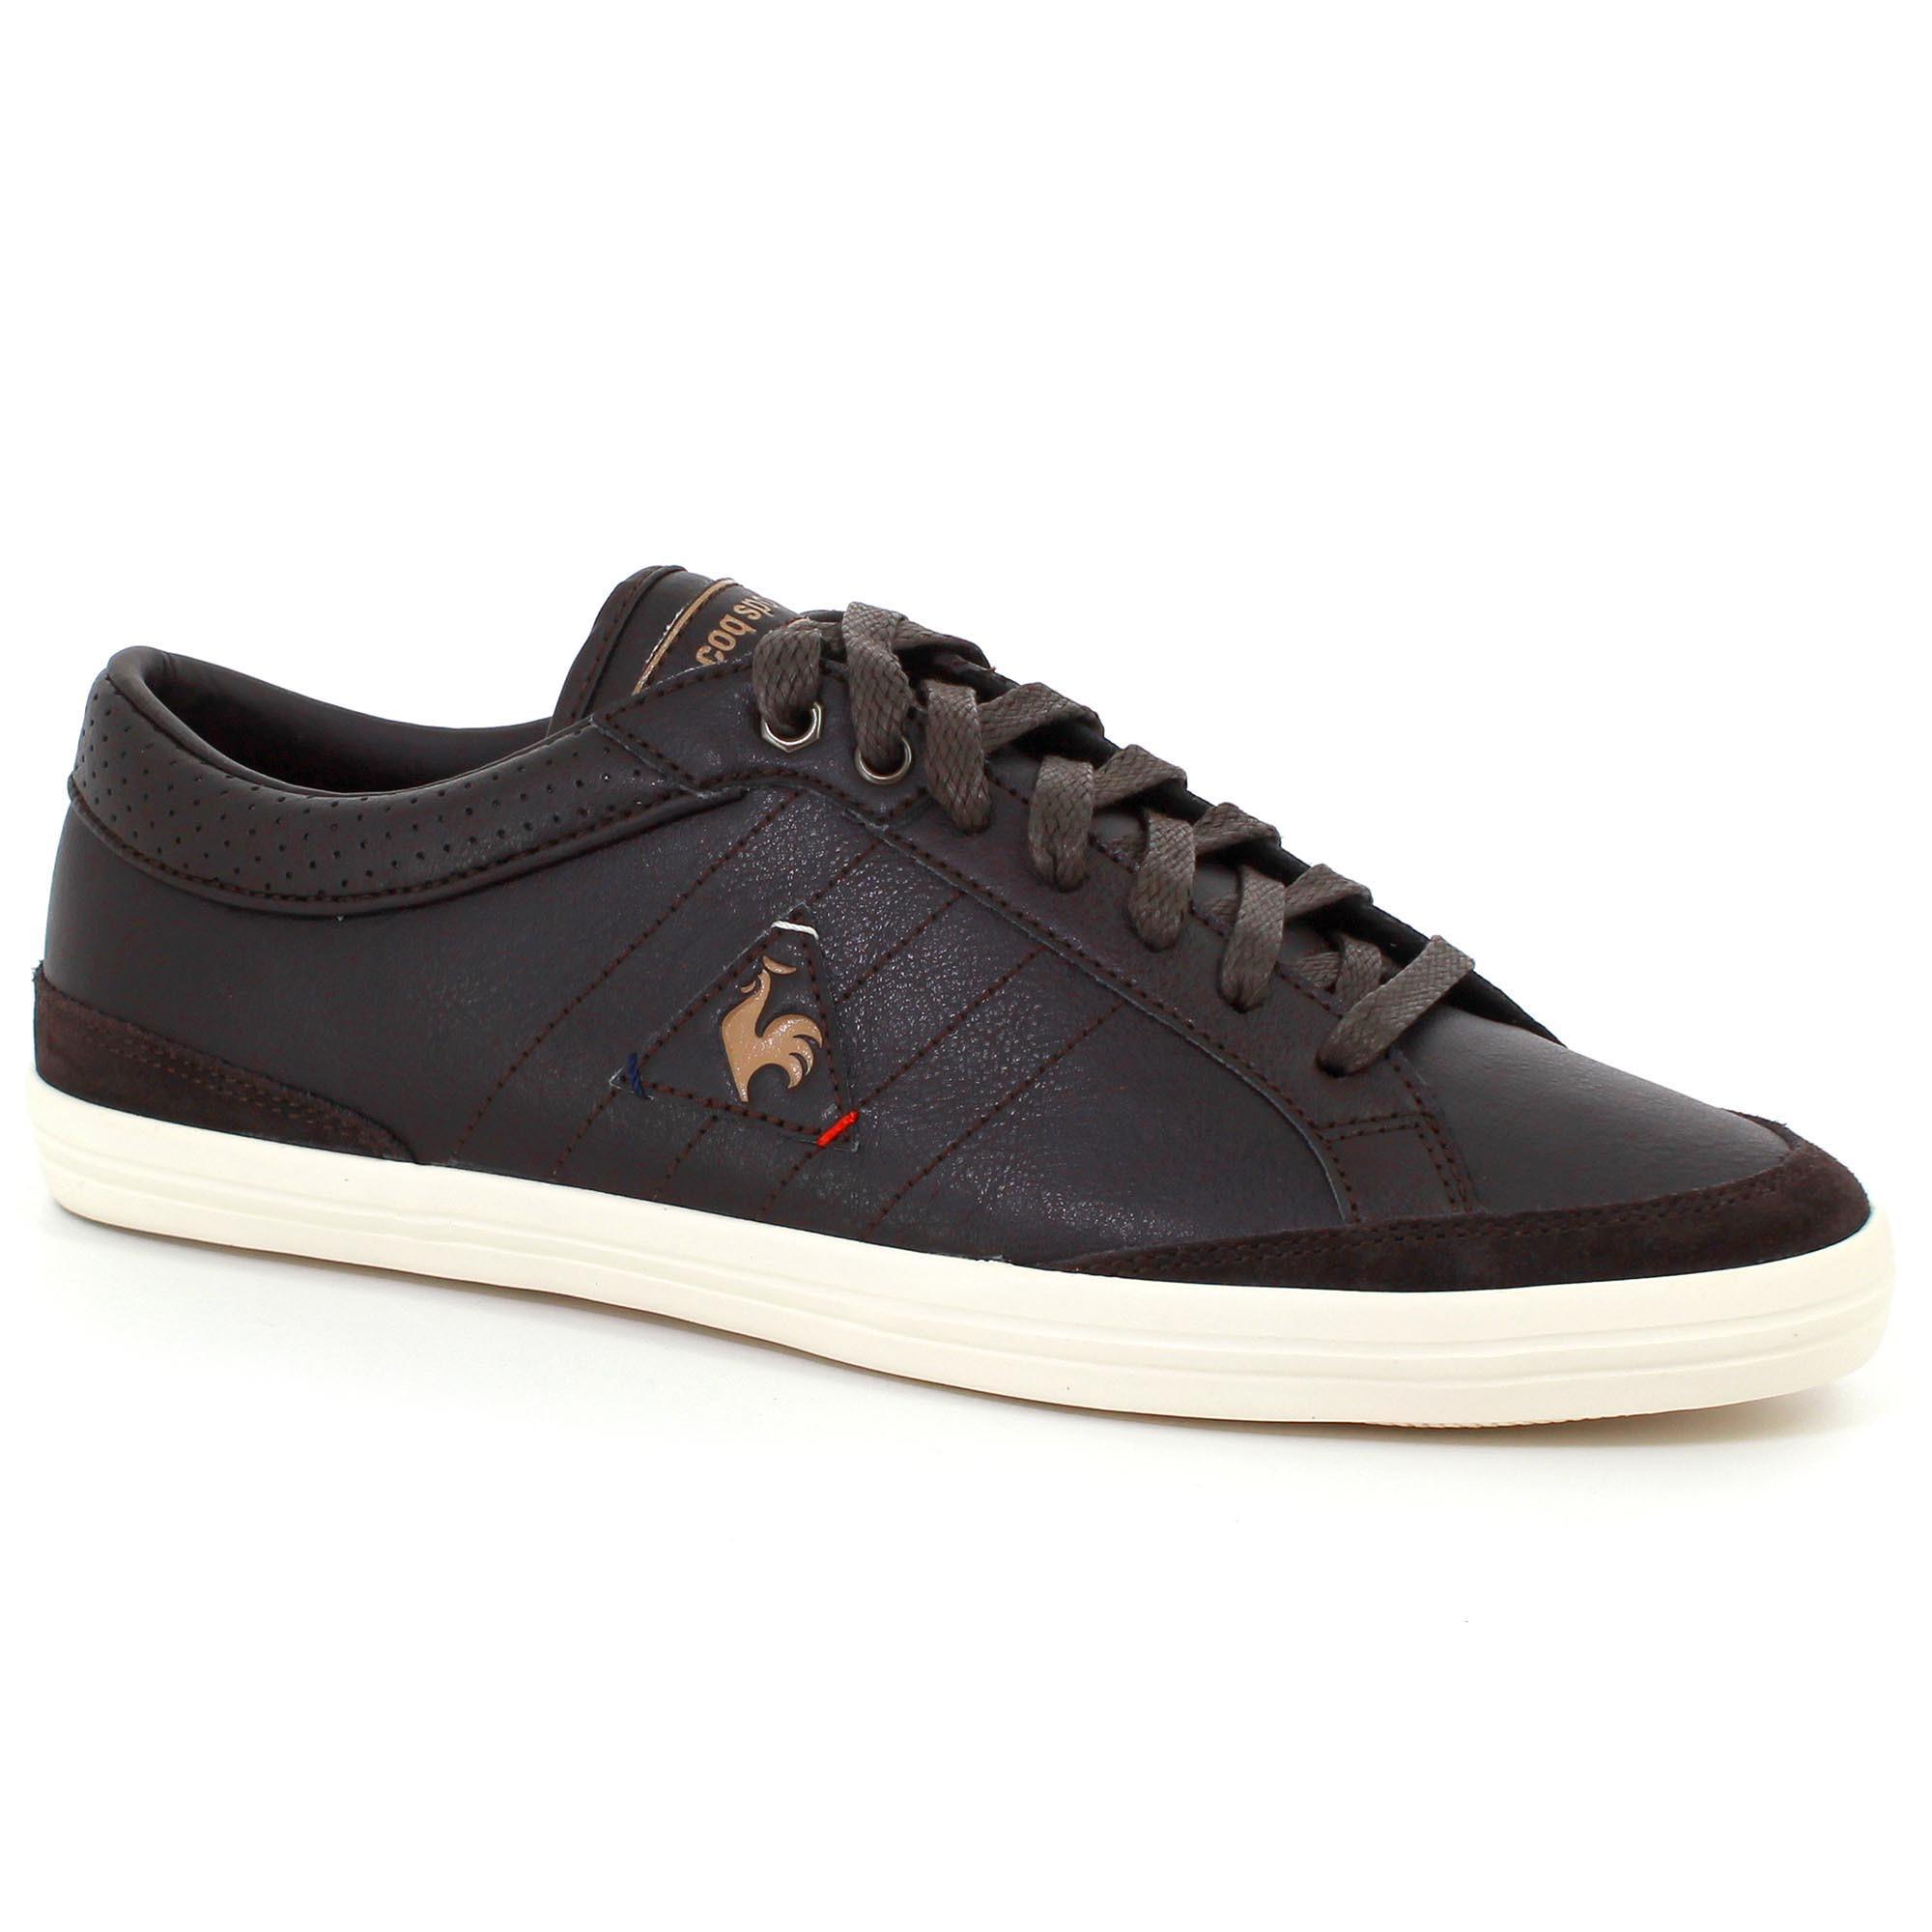 Chaussures Coq Sportif Cuir